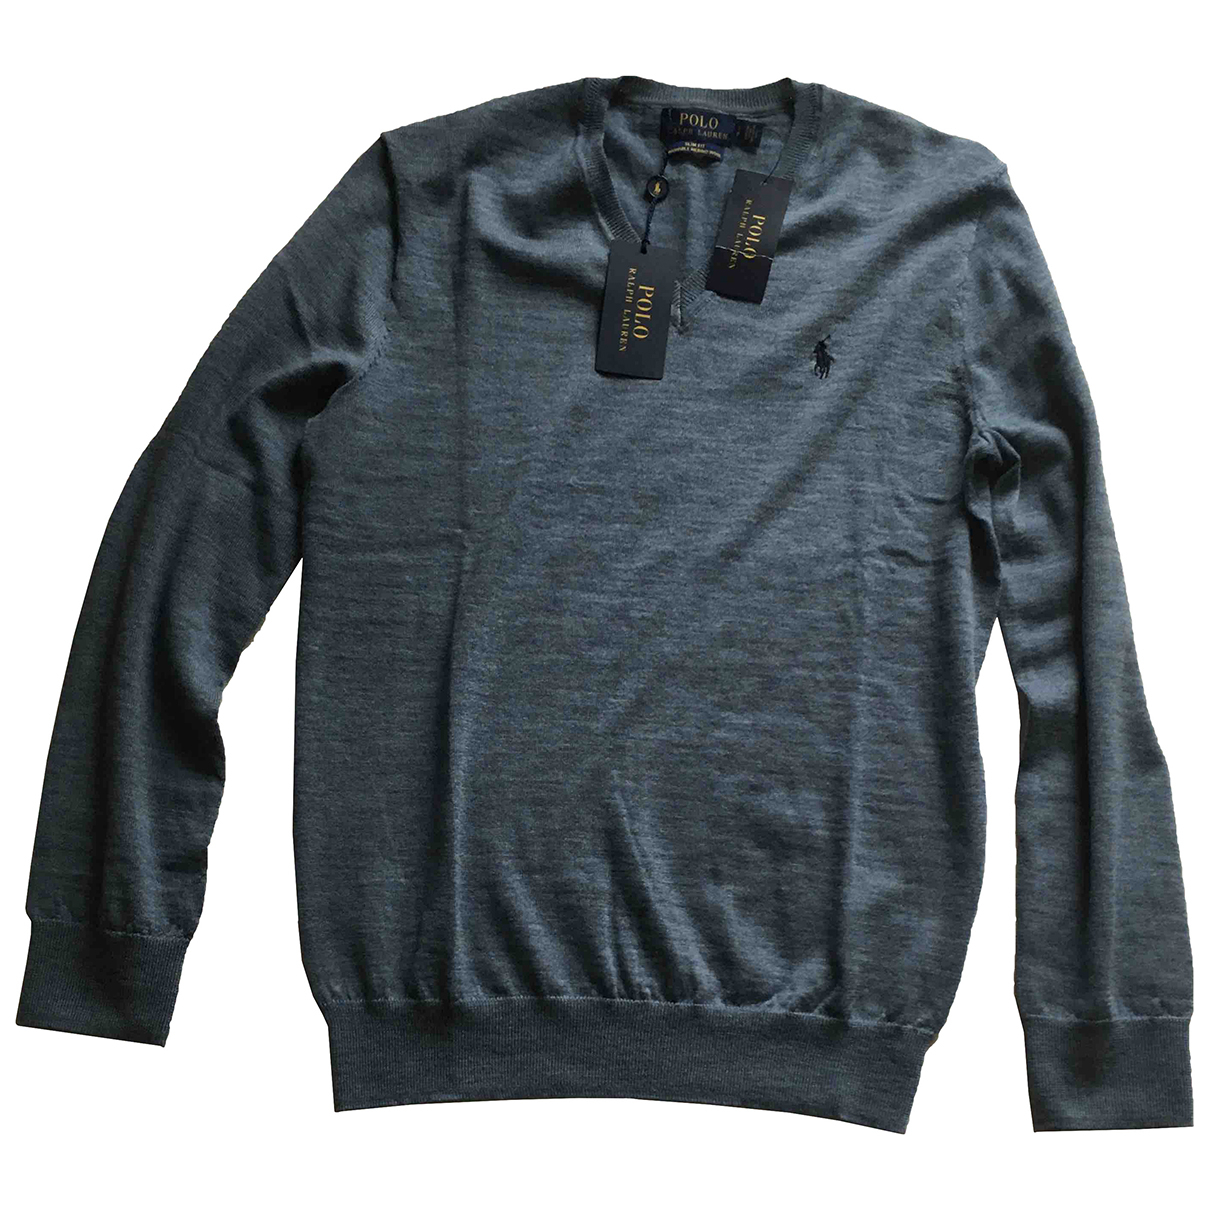 Polo Ralph Lauren N Blue Wool Knitwear & Sweatshirts for Men S International